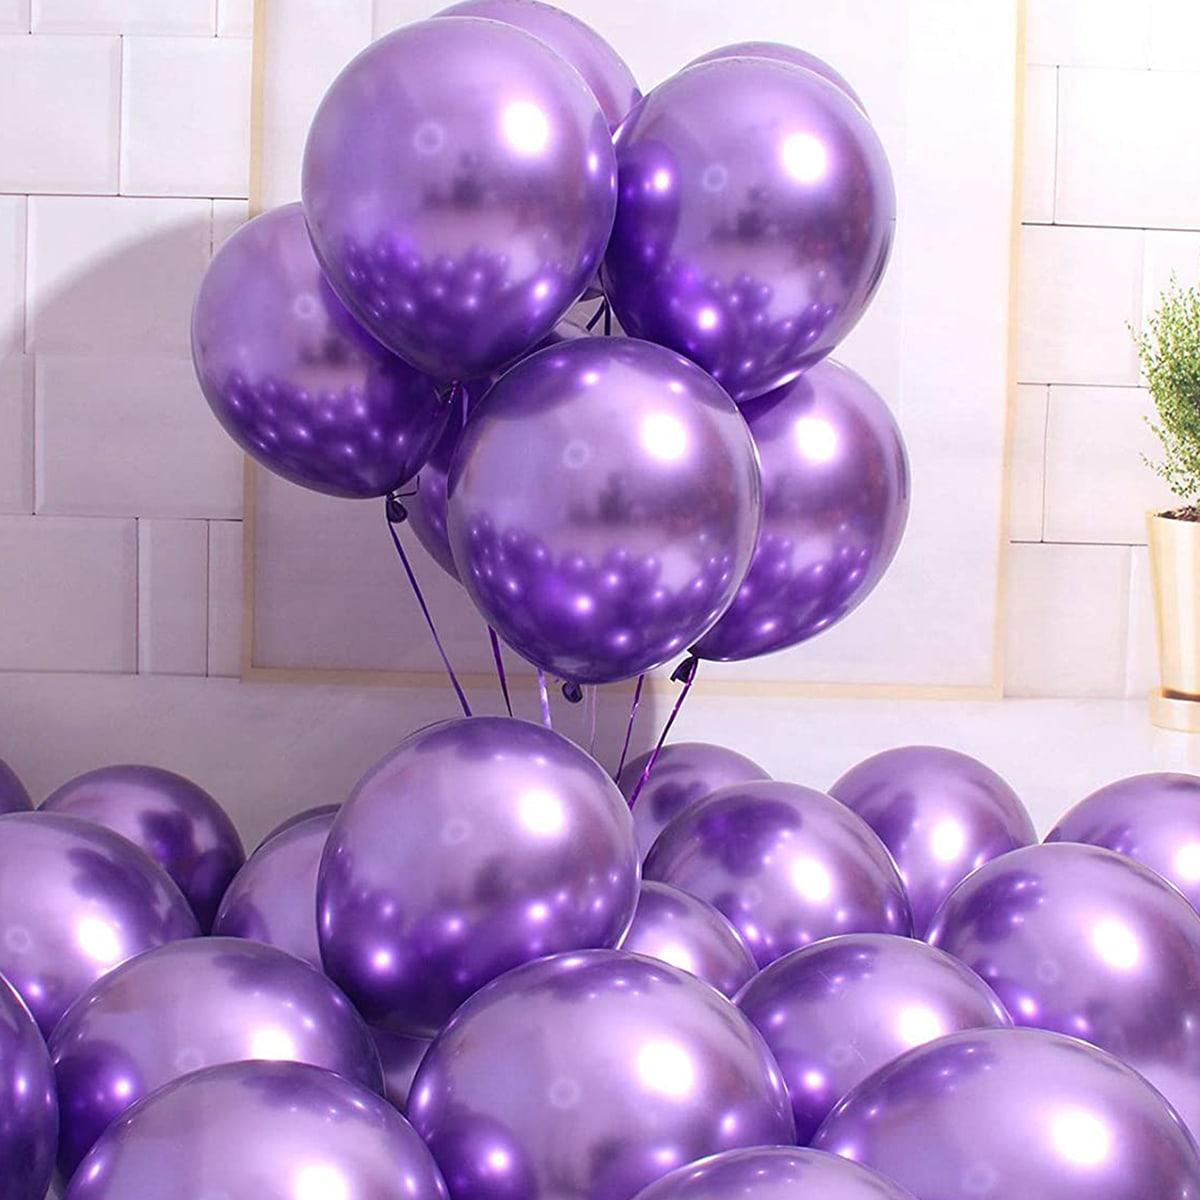 """Шар хром фиолетовый 12"""" (30 см) Purple (Калисан) Kalisan. Надувные воздушные шары хром 1984"""